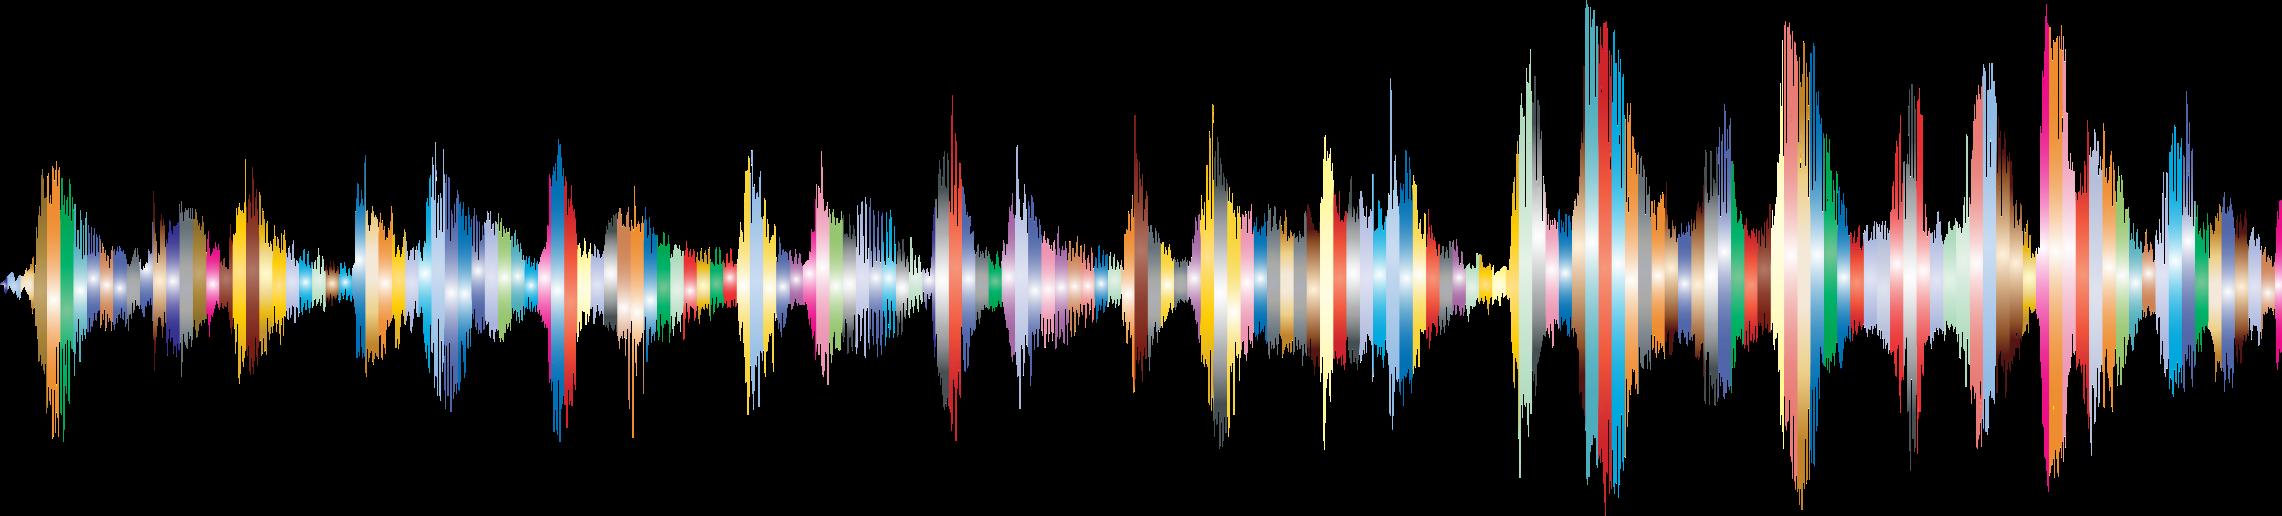 download Теория нелинейных волн, адекватная квантовой теории